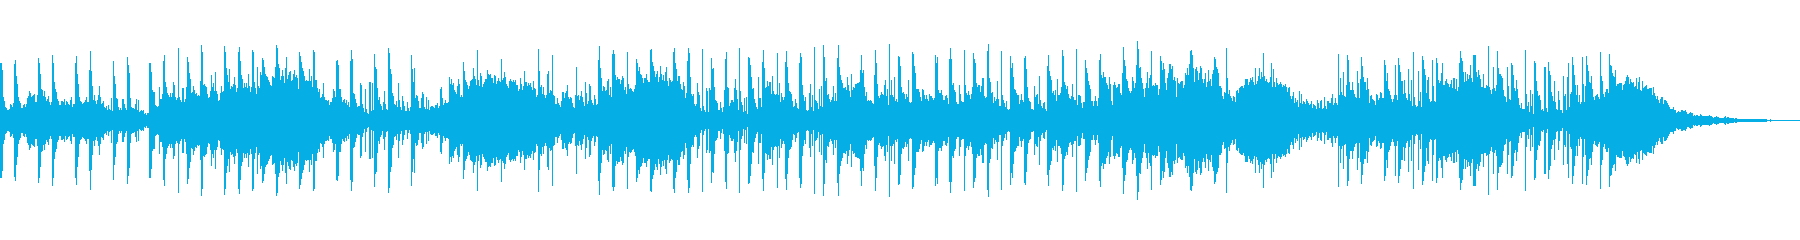 エレクトロニック 技術的な 静か ...の再生済みの波形